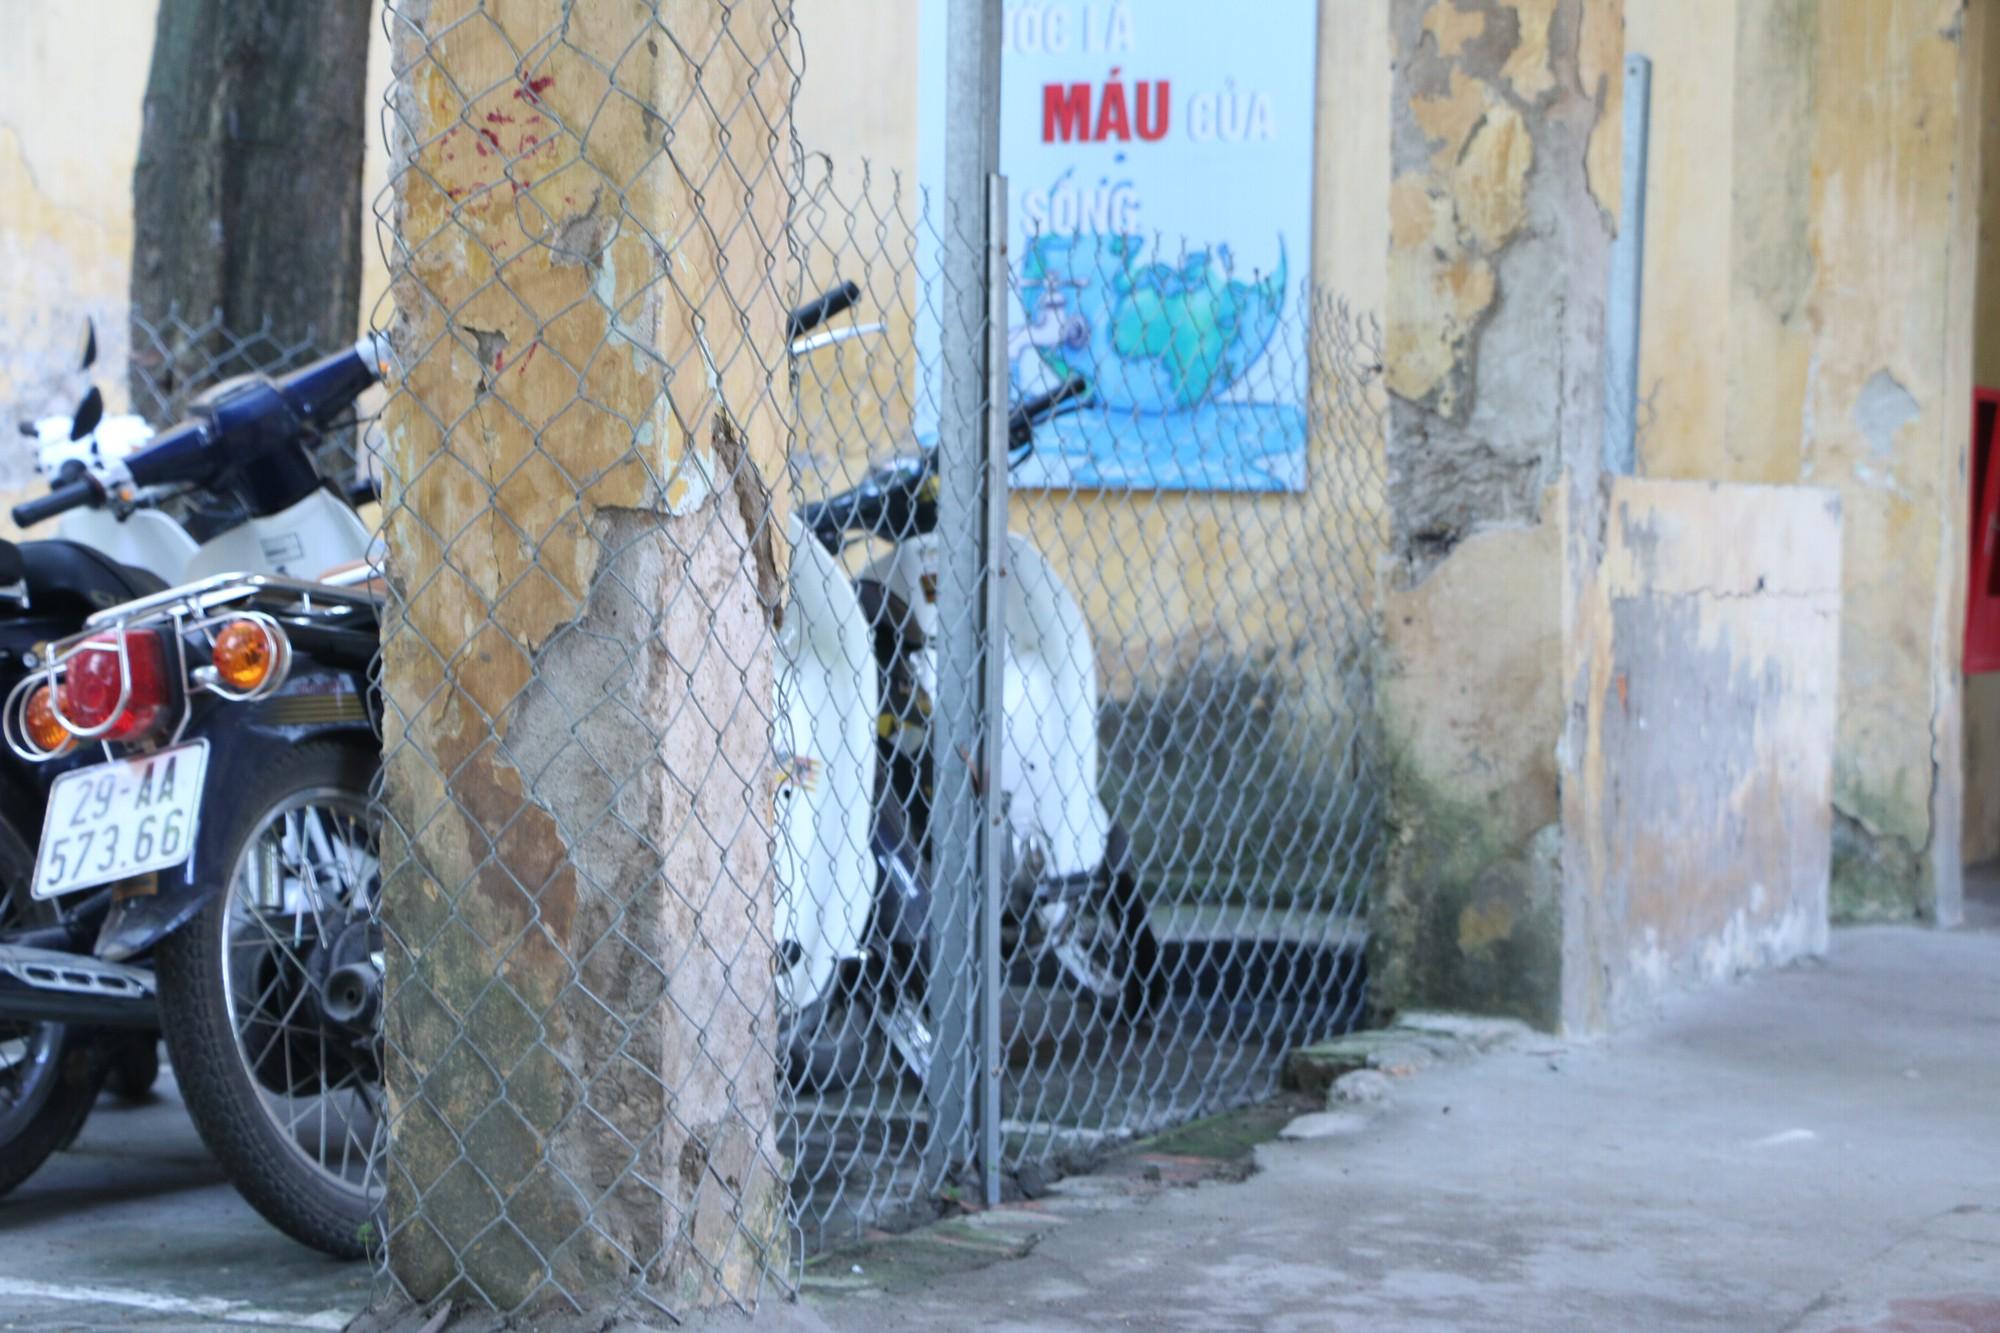 Vữa trần rơi, lan can được rào tạm bằng dây thép gai, ngôi trường cấp 3 giữa Hà Nội có nguy cơ đổ sập  - Ảnh 6.